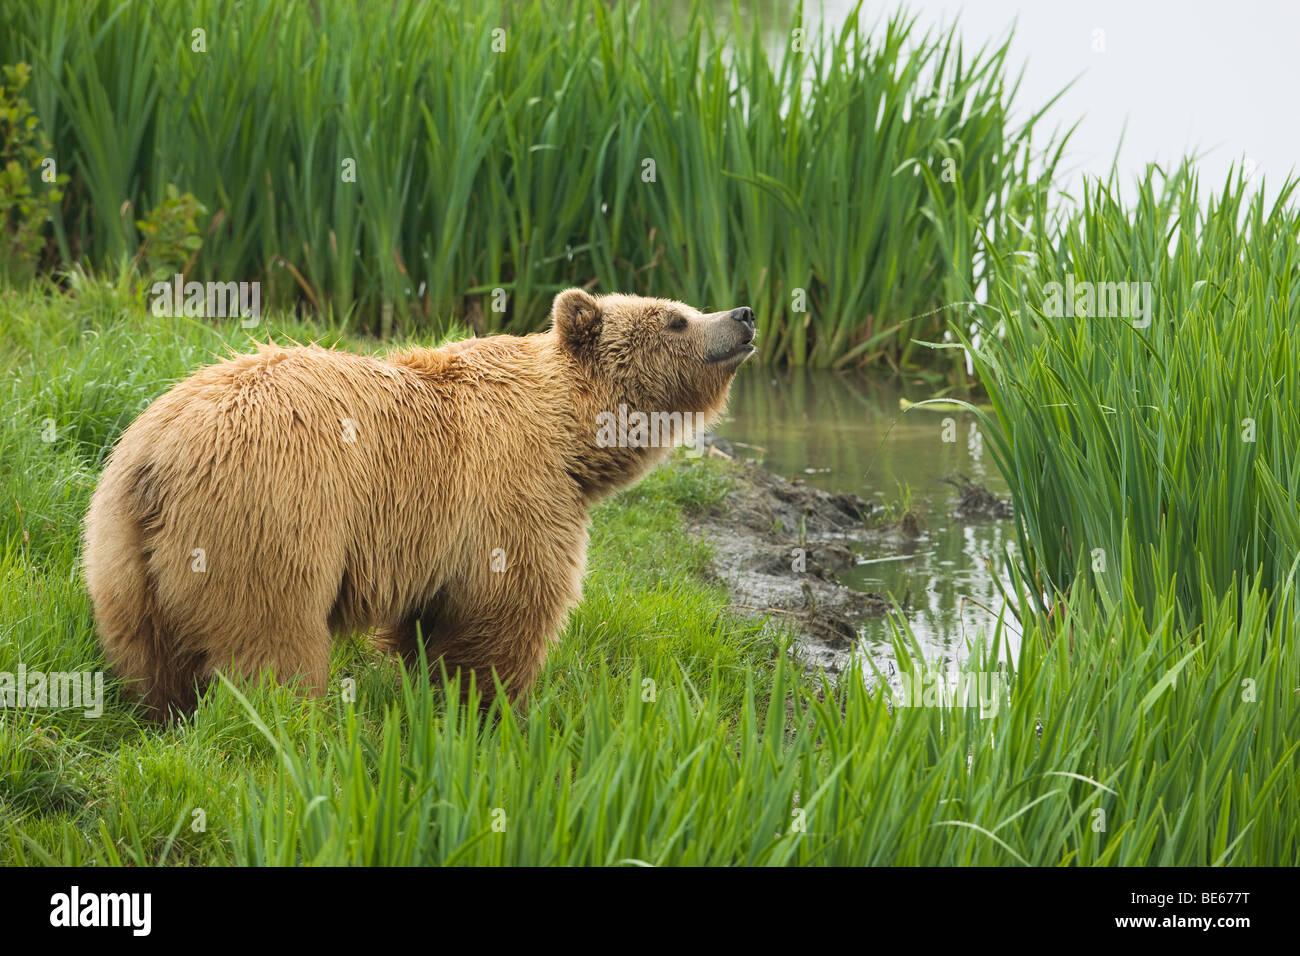 Europäischer Braunbär (Ursus Arctos) stehen am Rand Wassers beim schnuppern. Stockfoto